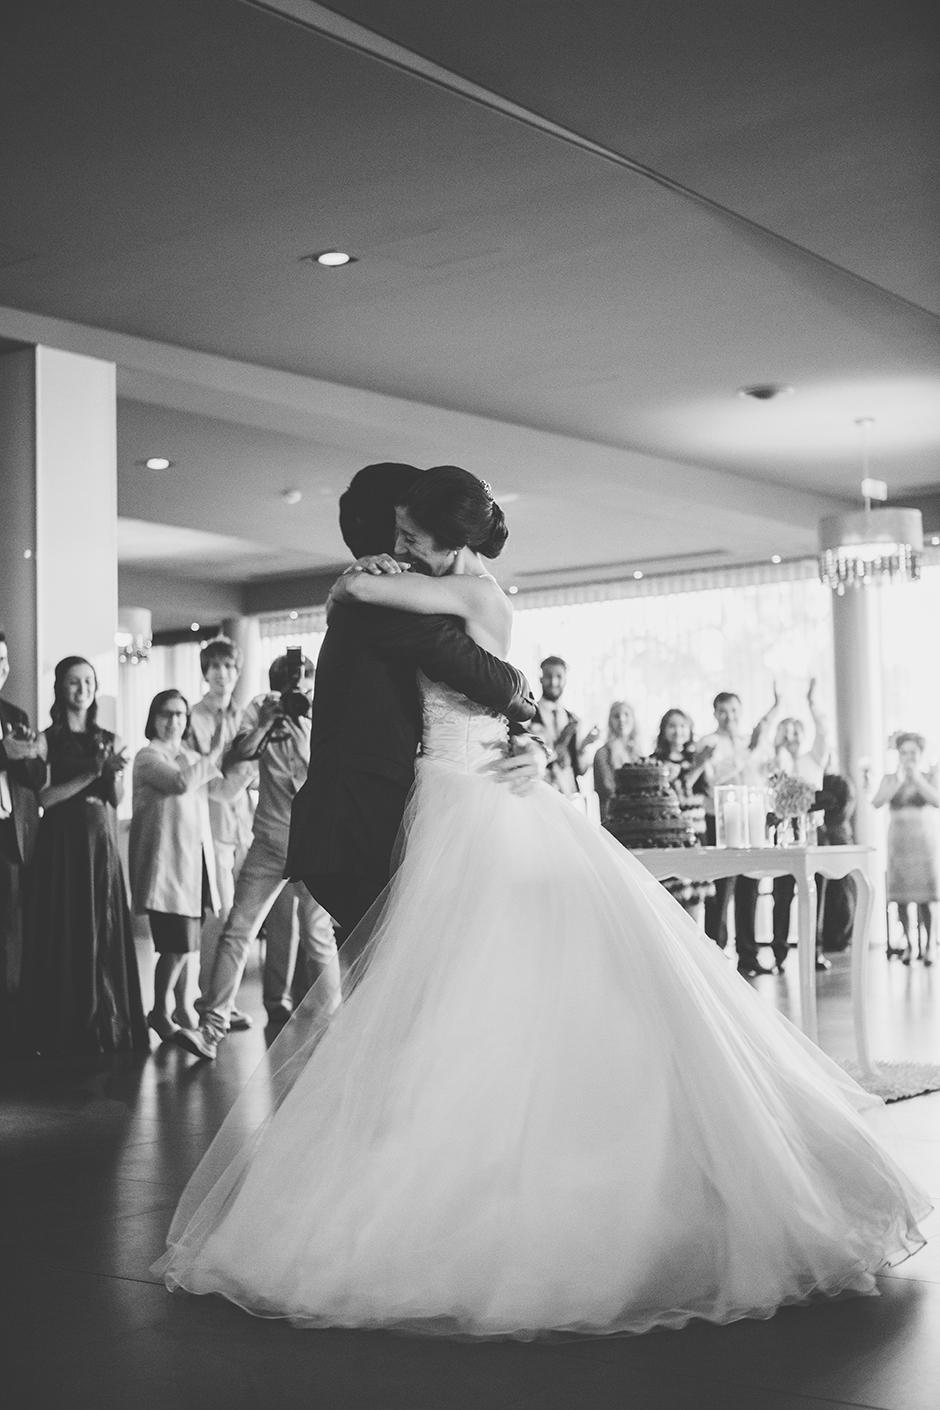 Wedding Casamento Jaime Neto Photography S+S Maio 2015_088